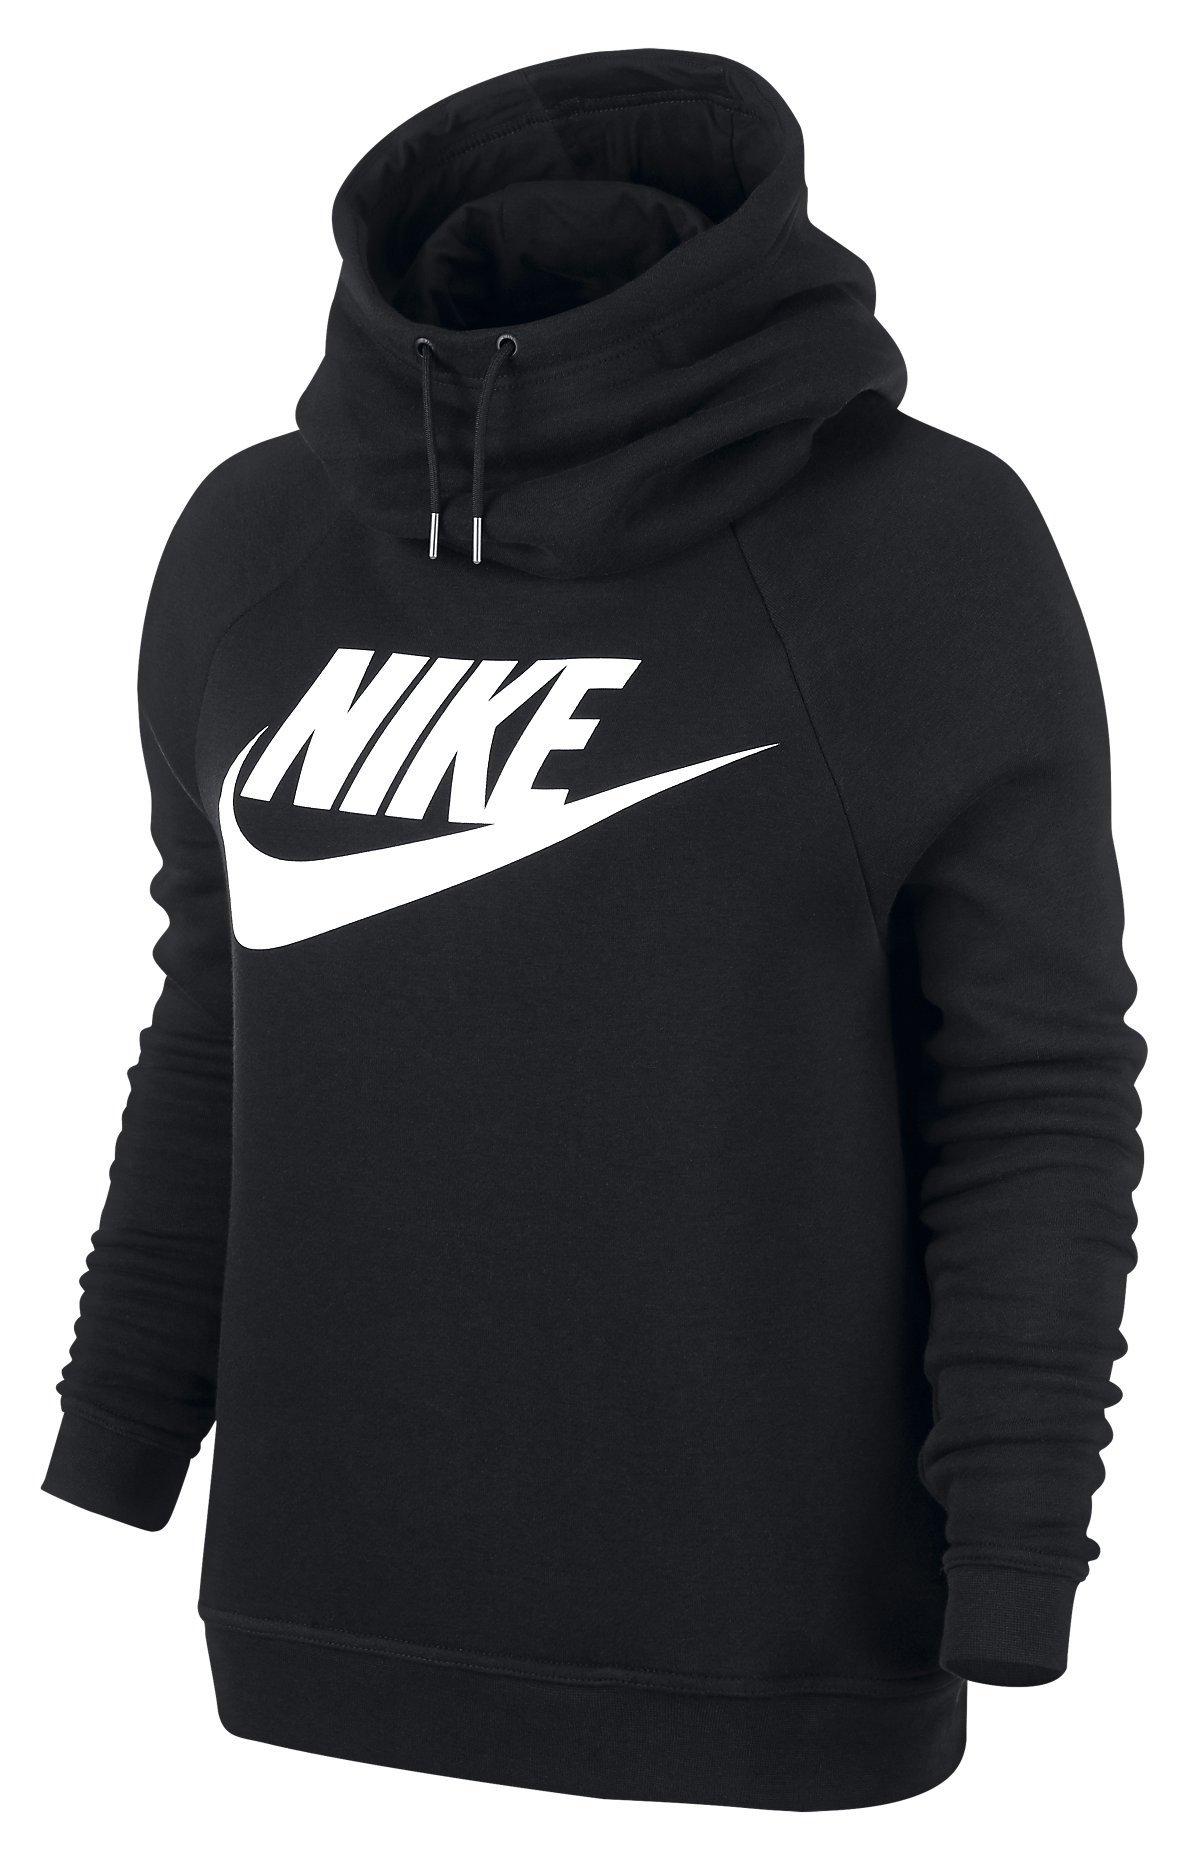 hooded sweatshirt nike w nsw rally hoodie gx1. Black Bedroom Furniture Sets. Home Design Ideas